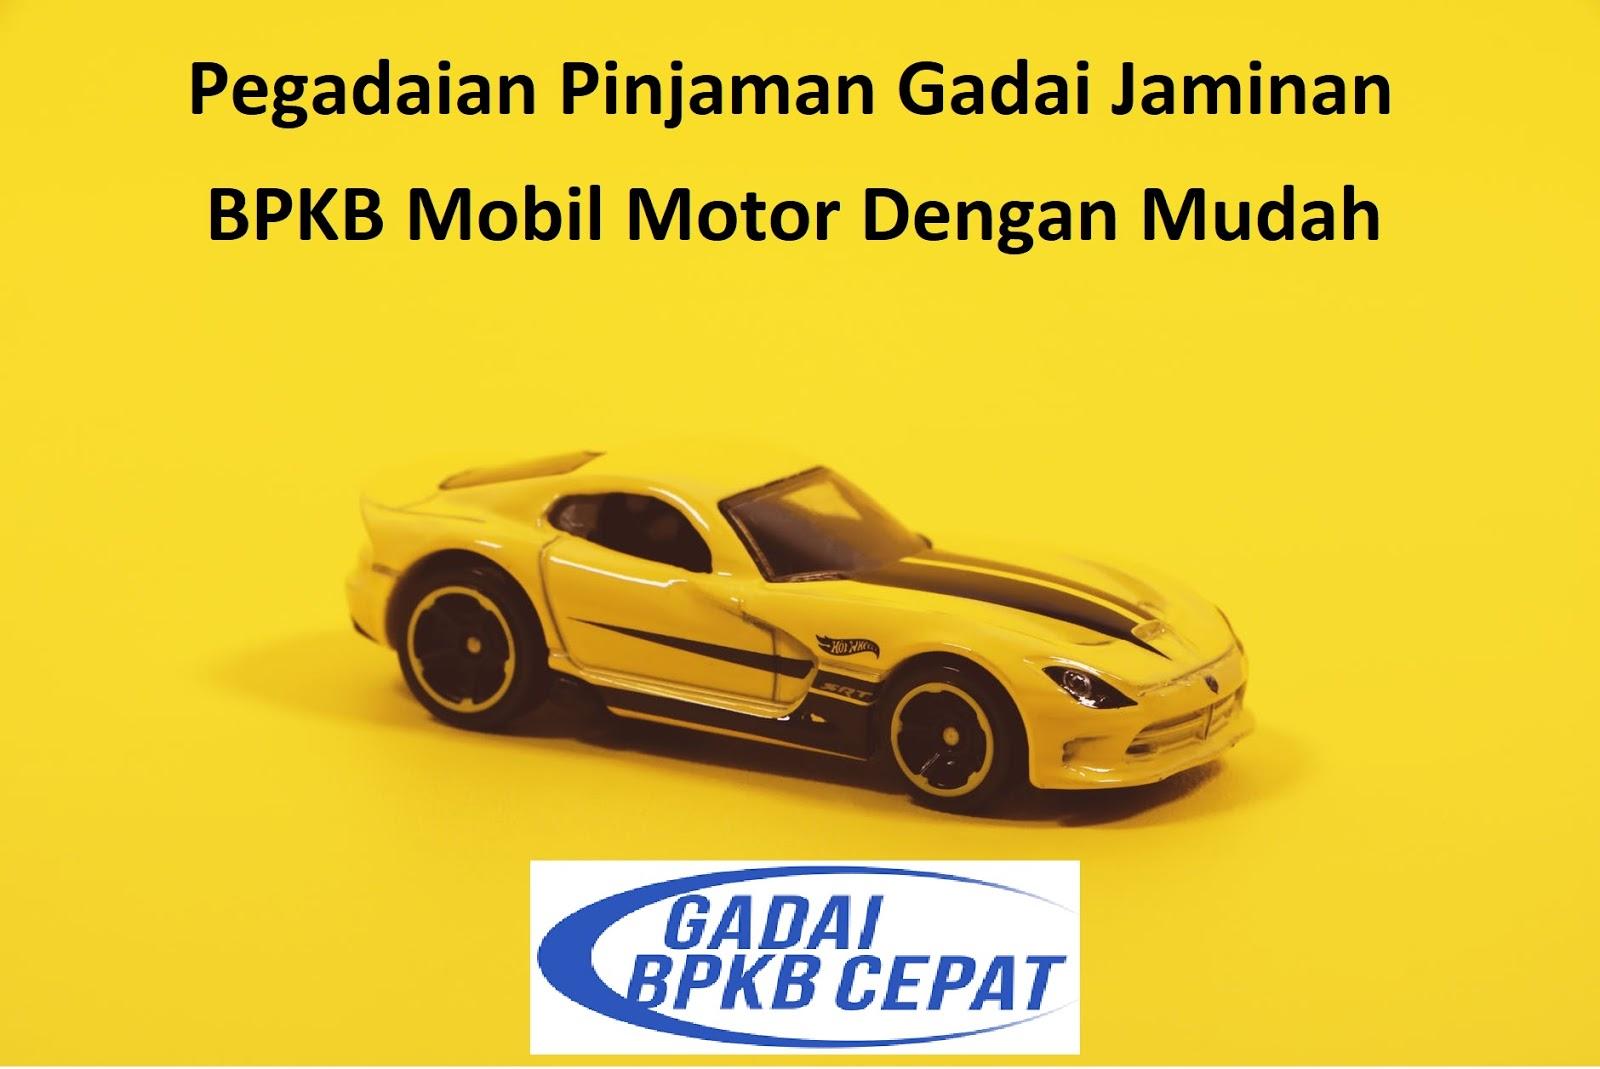 Pinjaman Uang Jaminan Bpkb Motor Di Pegadaian - Tips ...